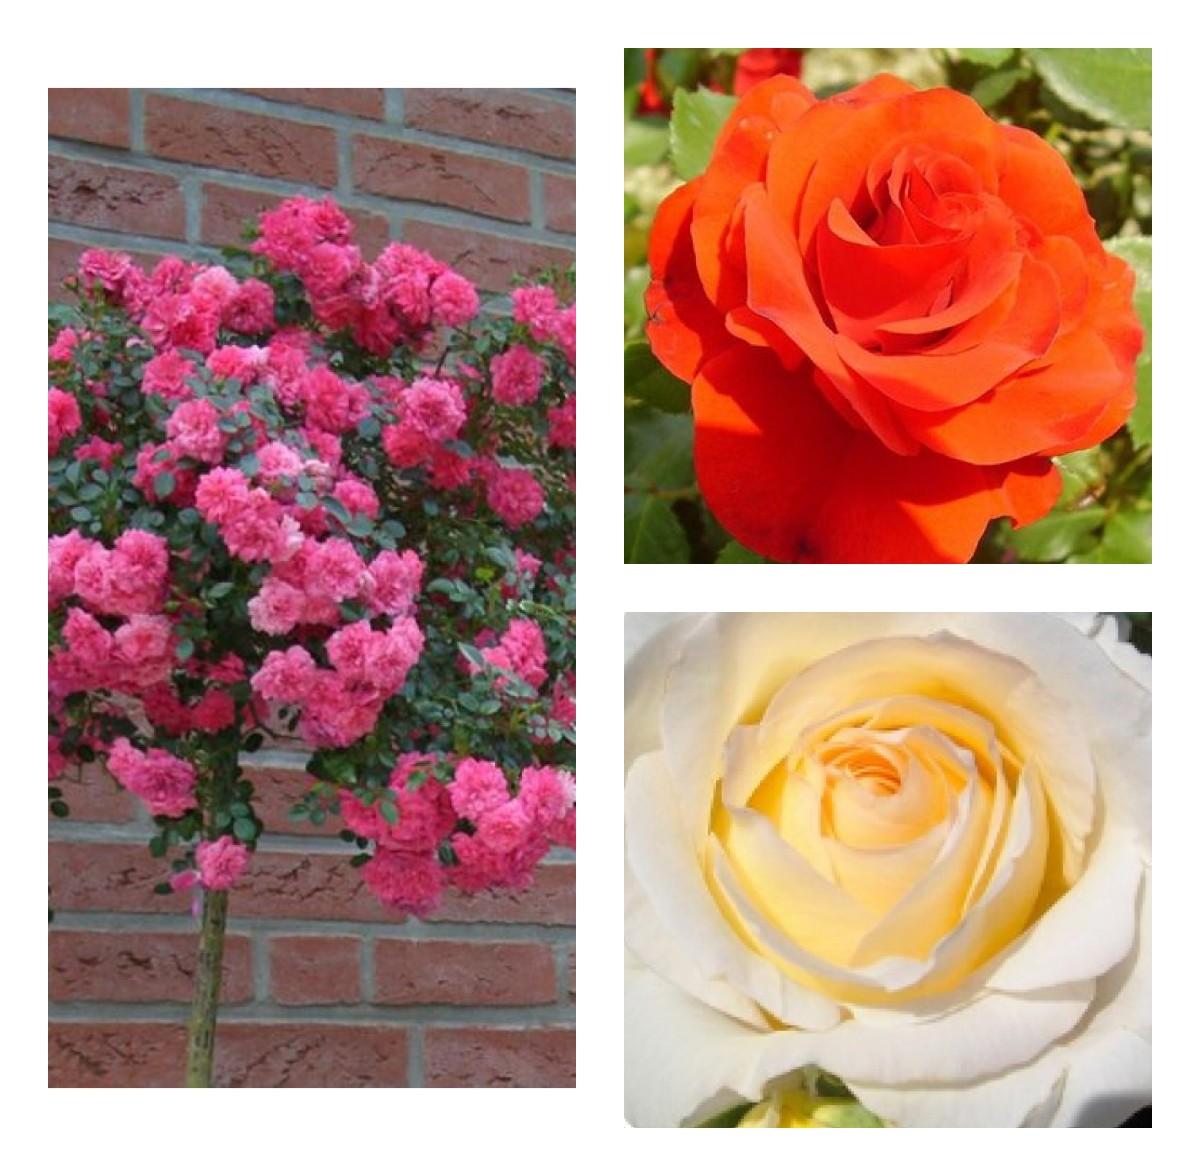 Комплект Р5-3 саженца (Штамбовые розы Книрпс, Ремембрэнс, Шопен): фото и описание